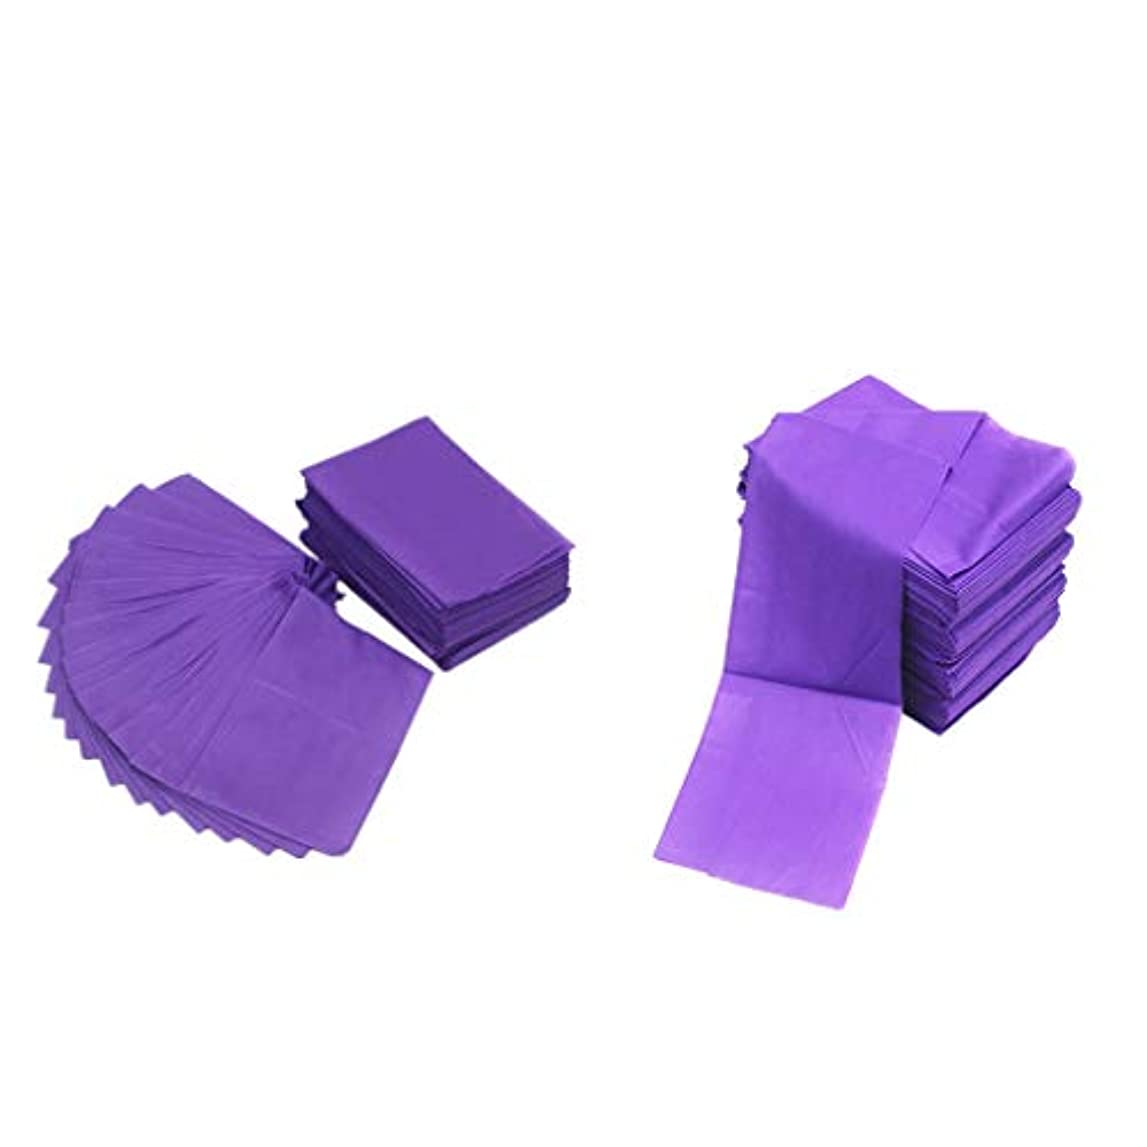 サスペンション物理用心深いテーブルシーツ ベッドカバー マッサージ ベットシート 不織布 使い捨て 防水 パープル 20ピースセット